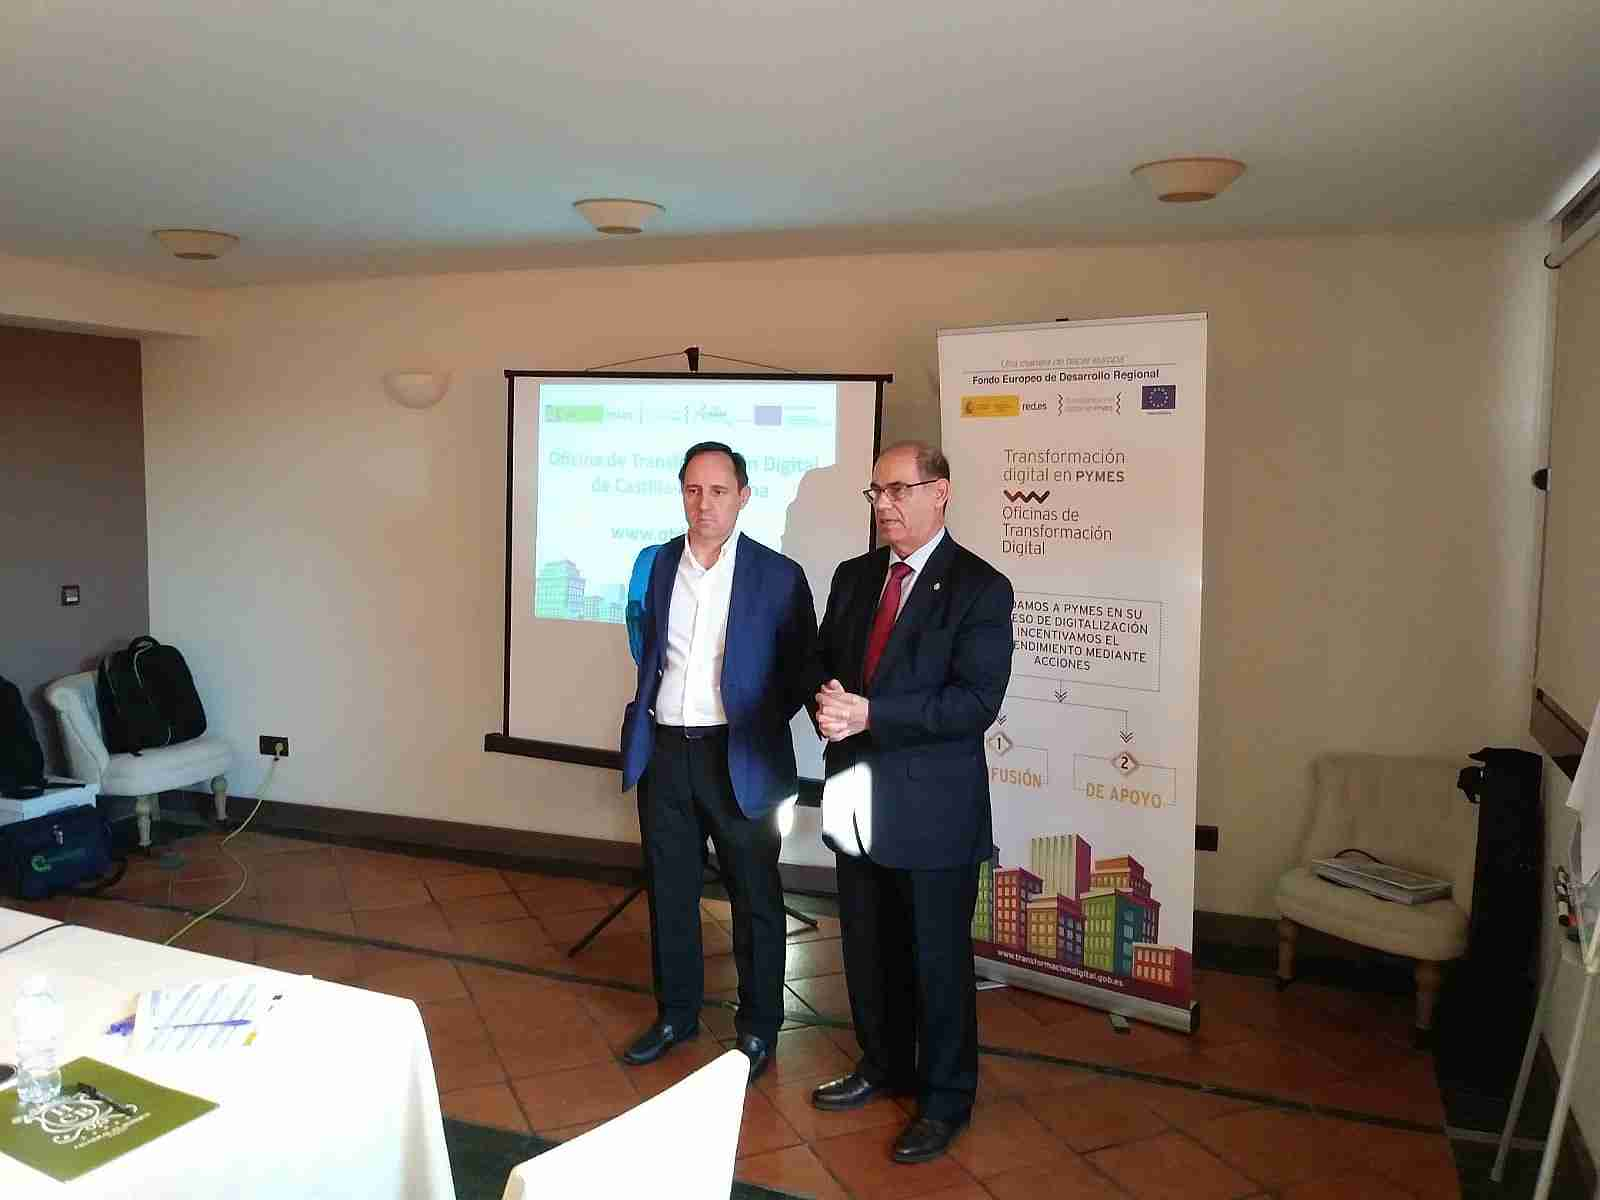 Digitalización, innovación y mantenimiento industrial 4.0 centran el interés de varias jornadas de la OTD en Toledo 2